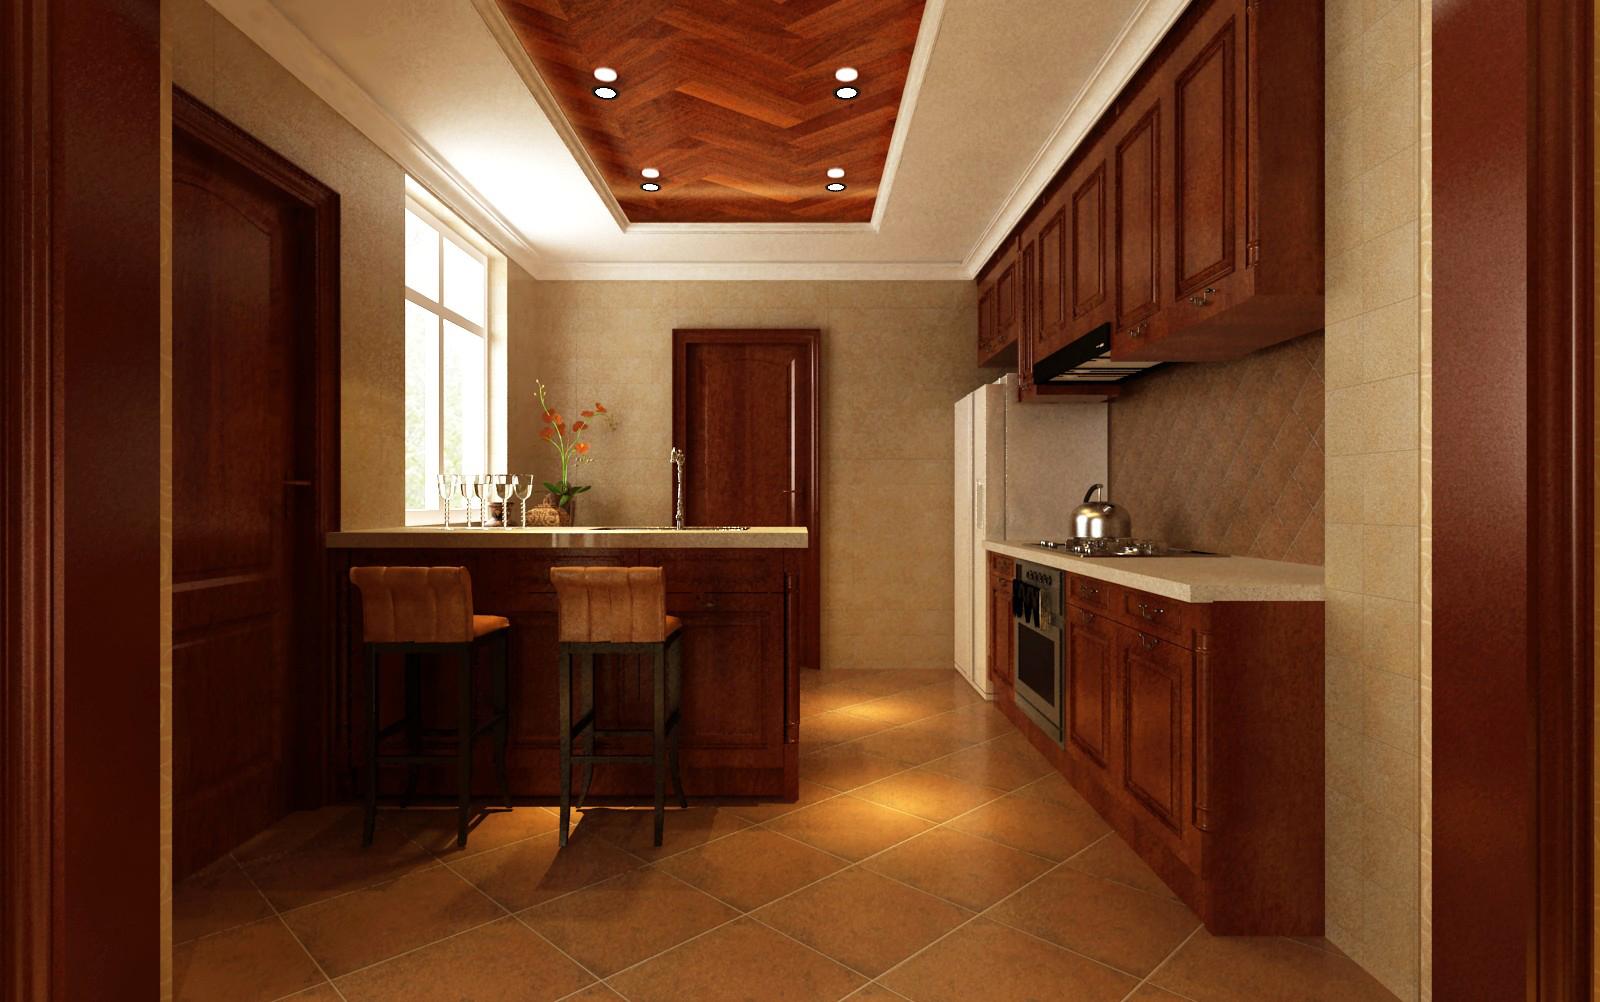 别墅 欧式 小资 厨房图片来自东易力天装饰在思念果岭的分享